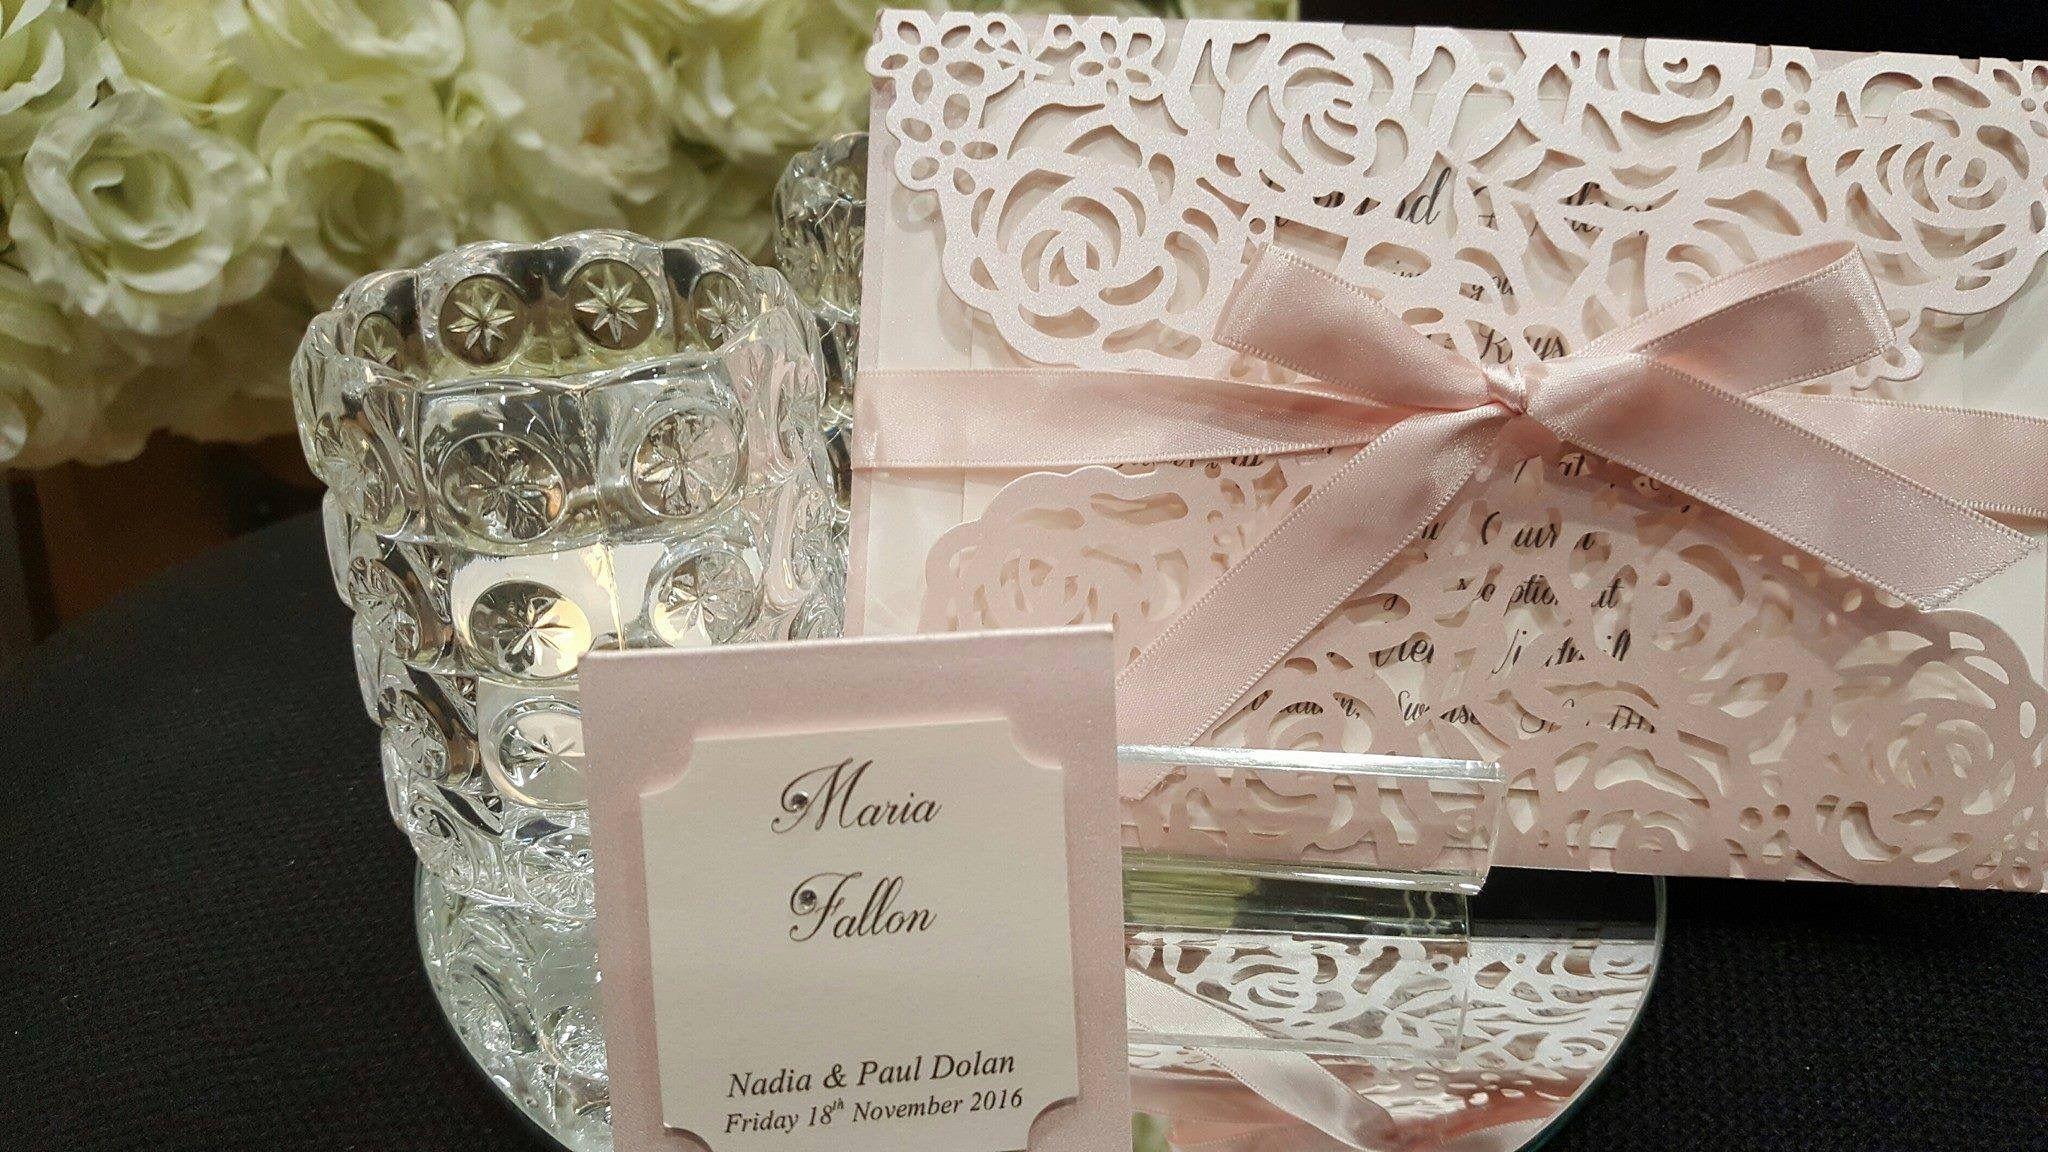 Faire part mariage chic et boheme Pochette laser cut en forme de roses